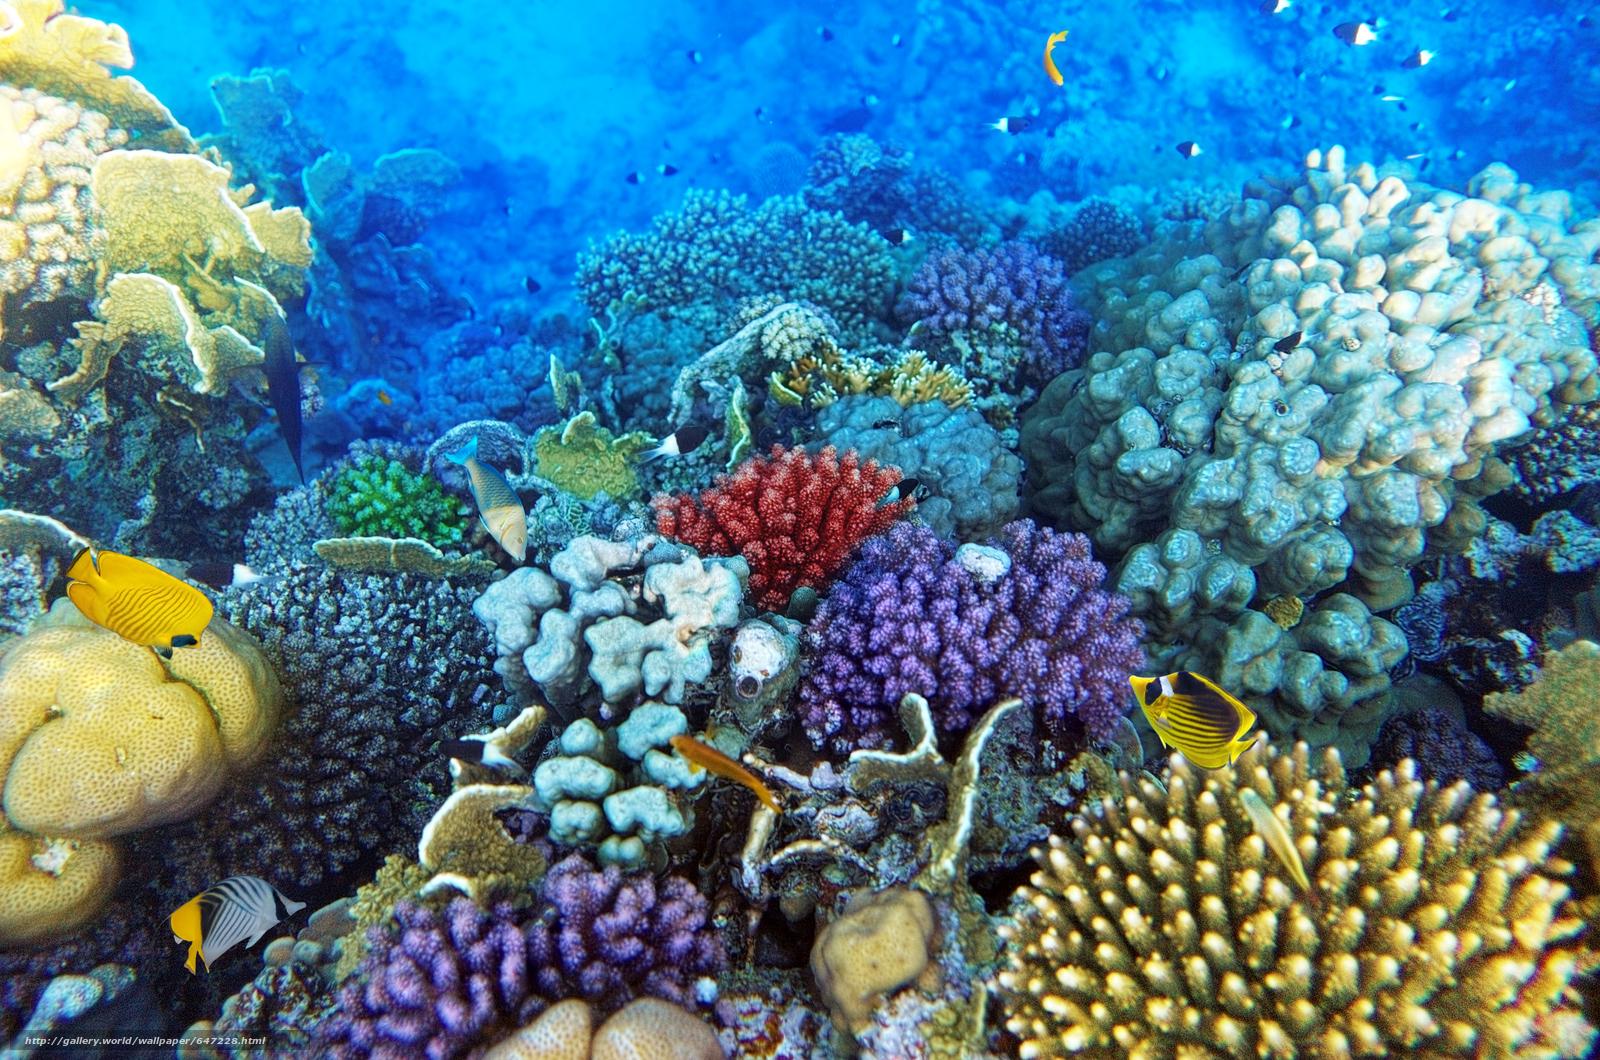 Скачать обои море,  морское дно,  рыбы,  природа бесплатно для рабочего стола в разрешении 5000x3313 — картинка №647228